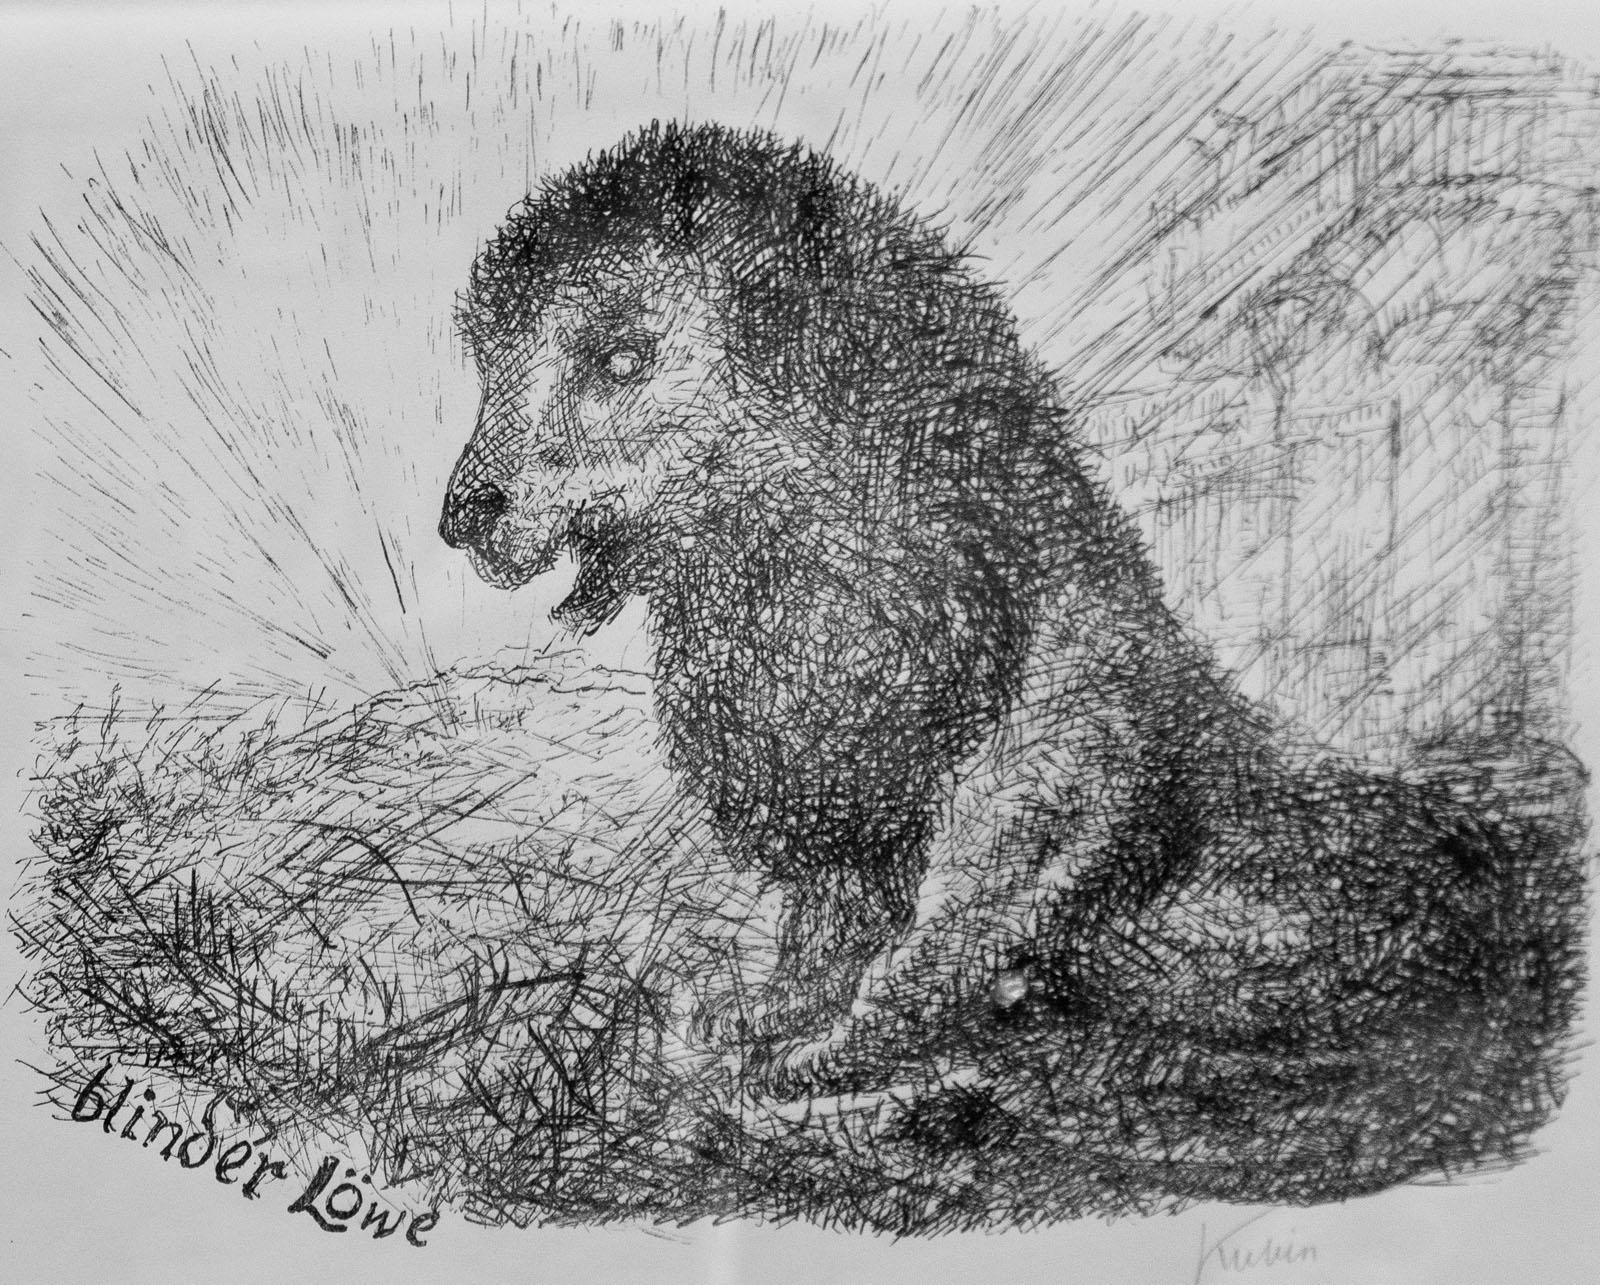 Фото №76647. Слепой лев. 1955. Альфред Кубин (1877-1959)